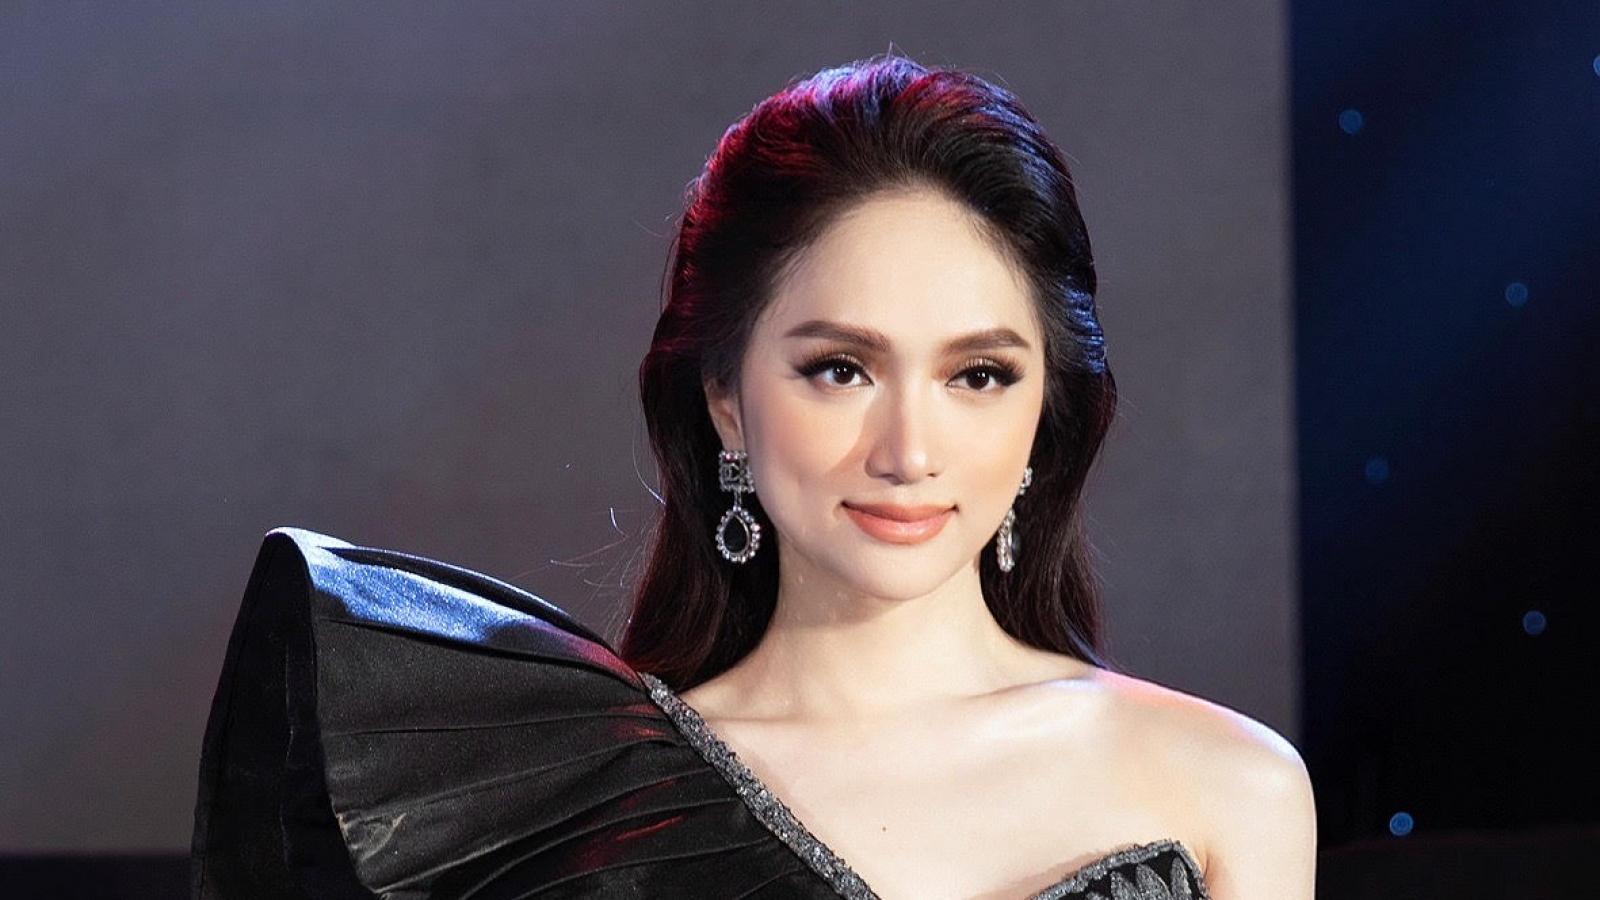 Hoa hậu Hương Giang đầy quyền lực trong đầm dạ hội kết kim sa tinh xảo